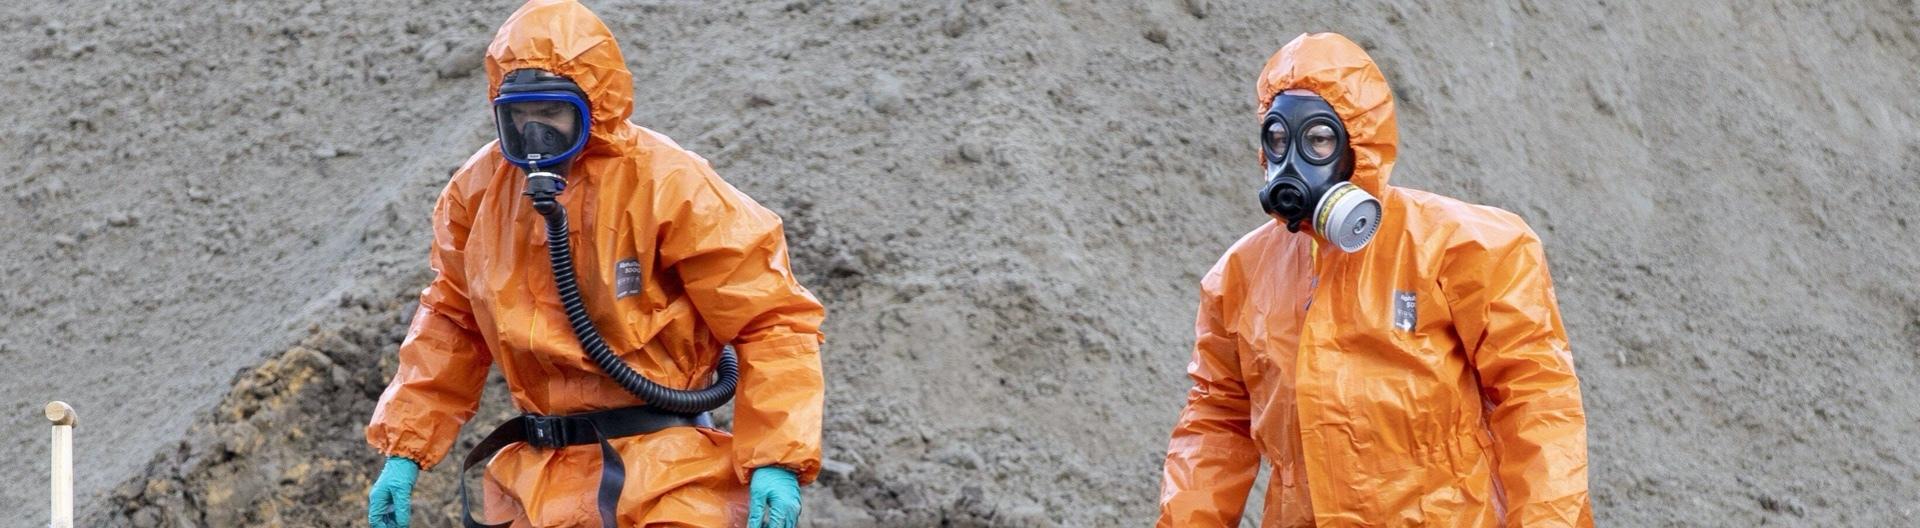 Zwei Männer in orangenem Schutzanzug